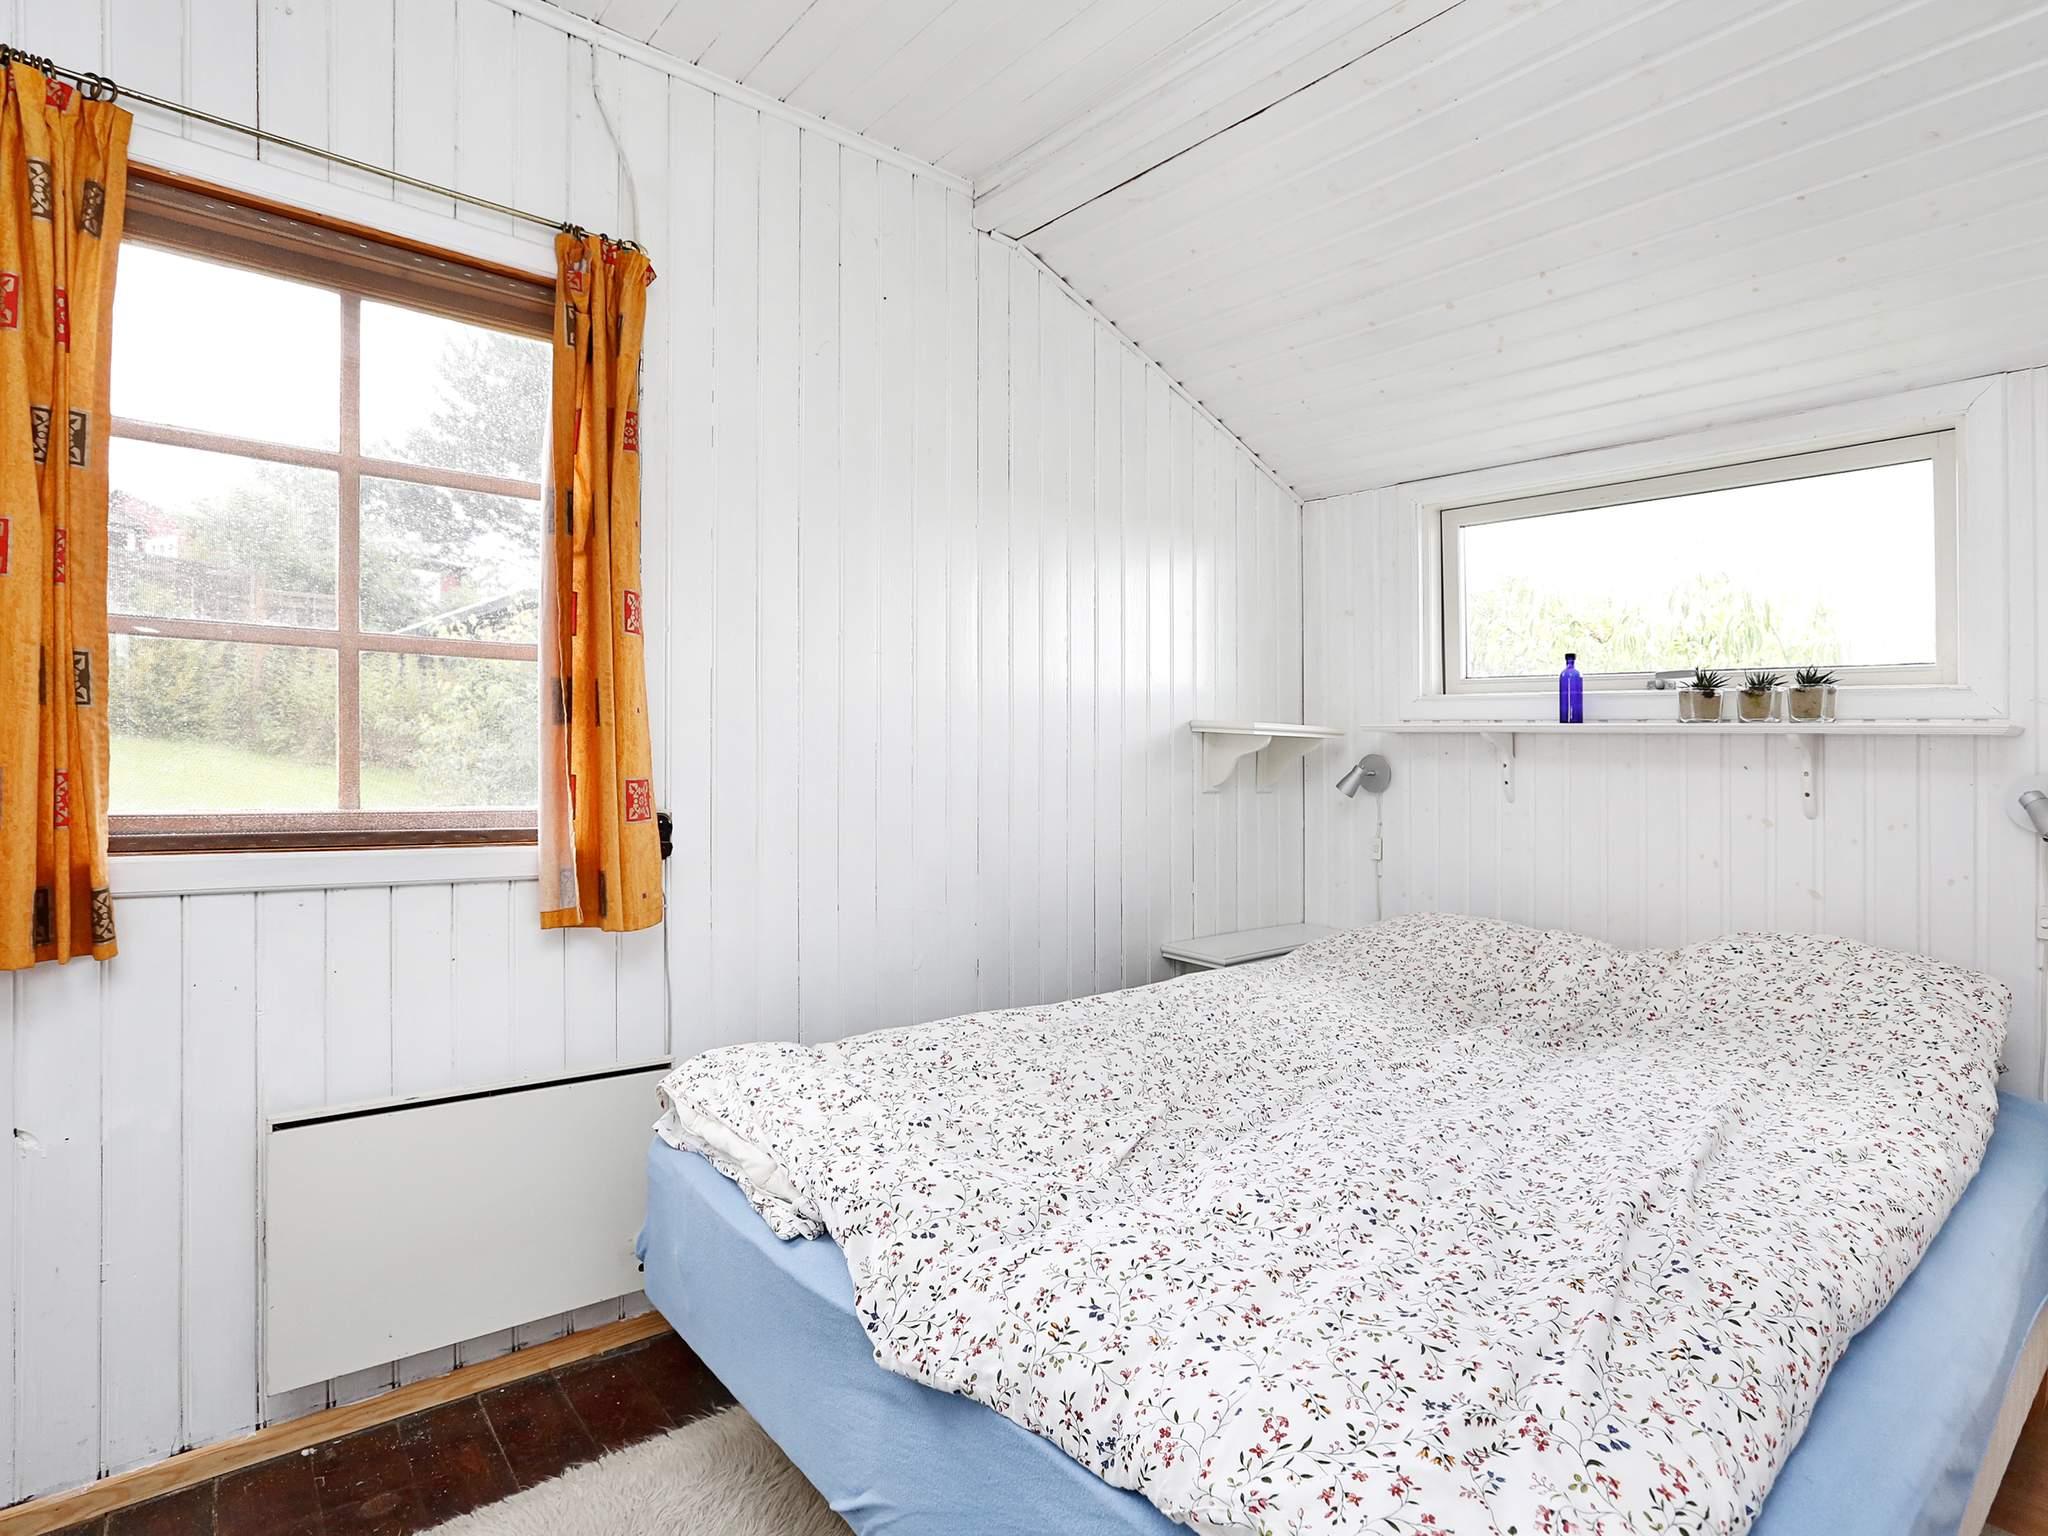 Ferienhaus Rågeleje (921041), Rågeleje, , Nordseeland, Dänemark, Bild 12